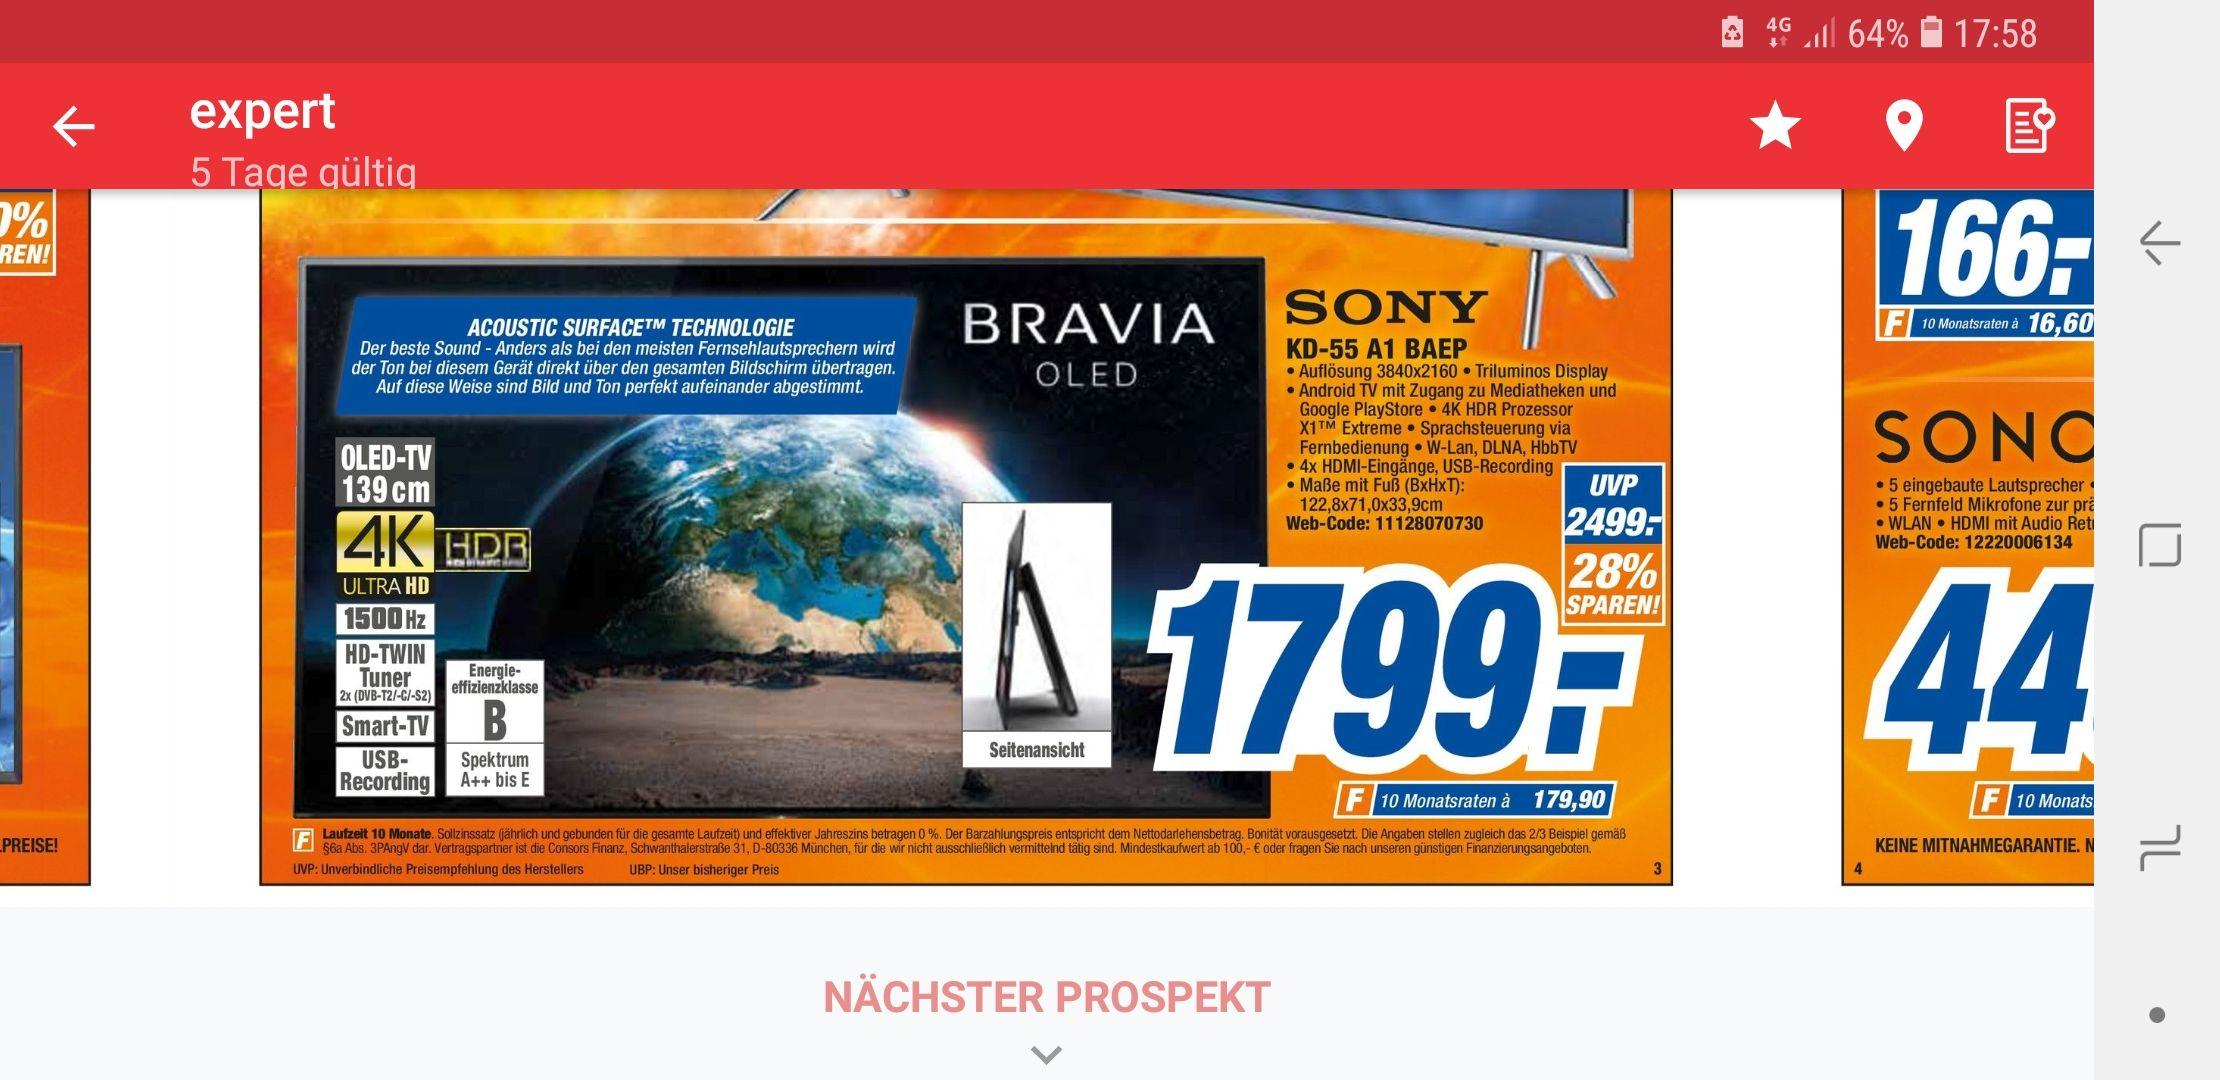 18294602-BVW3j.jpg